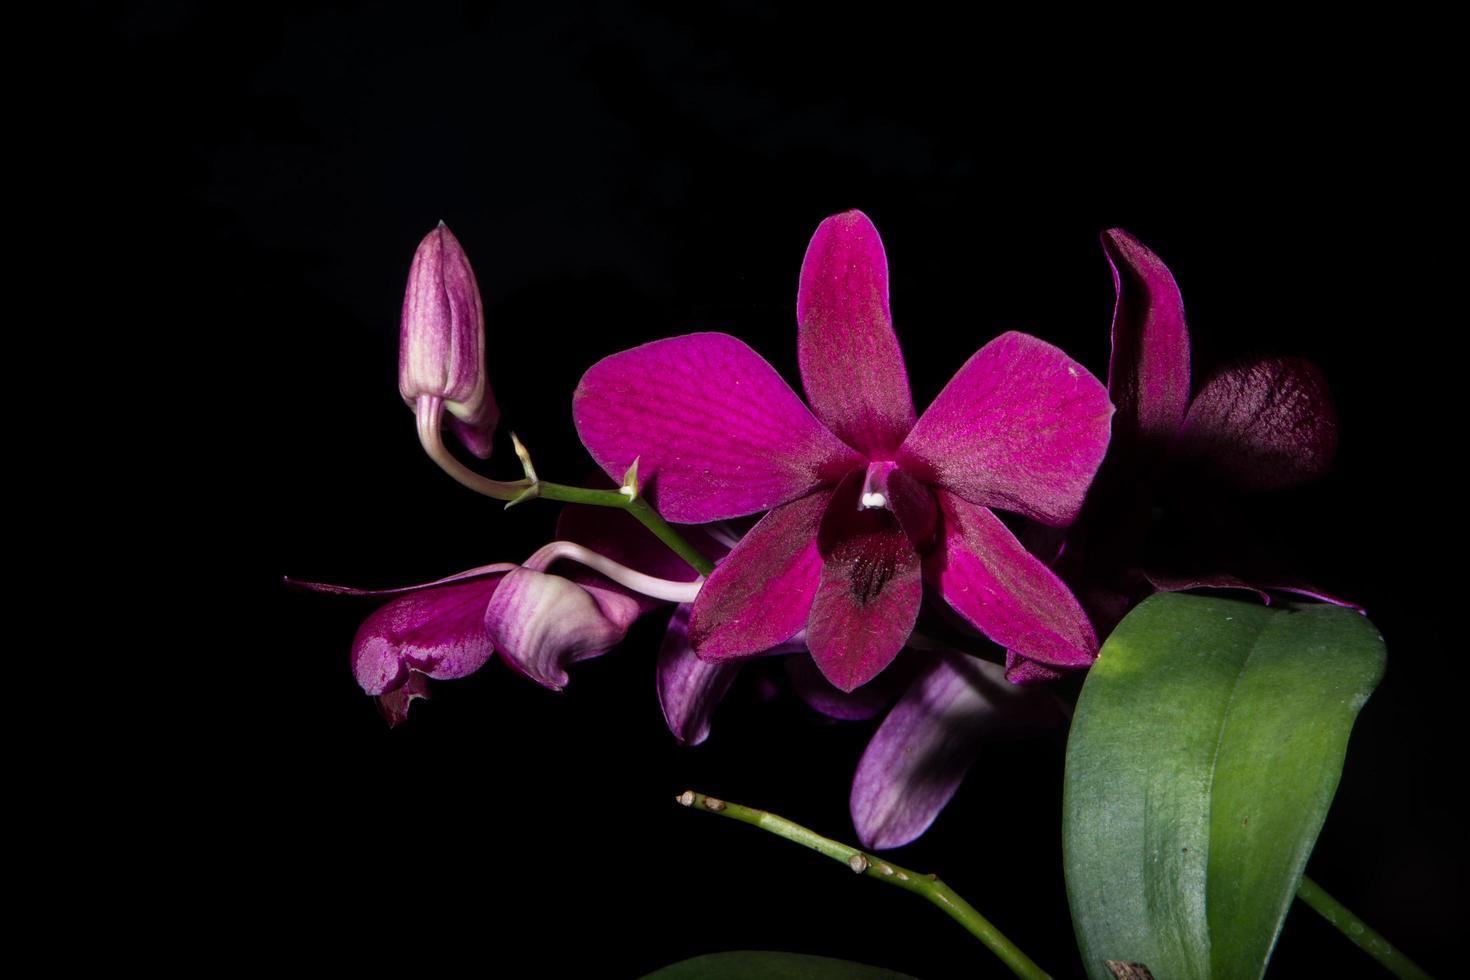 violette Blumen auf schwarzem Hintergrund foto